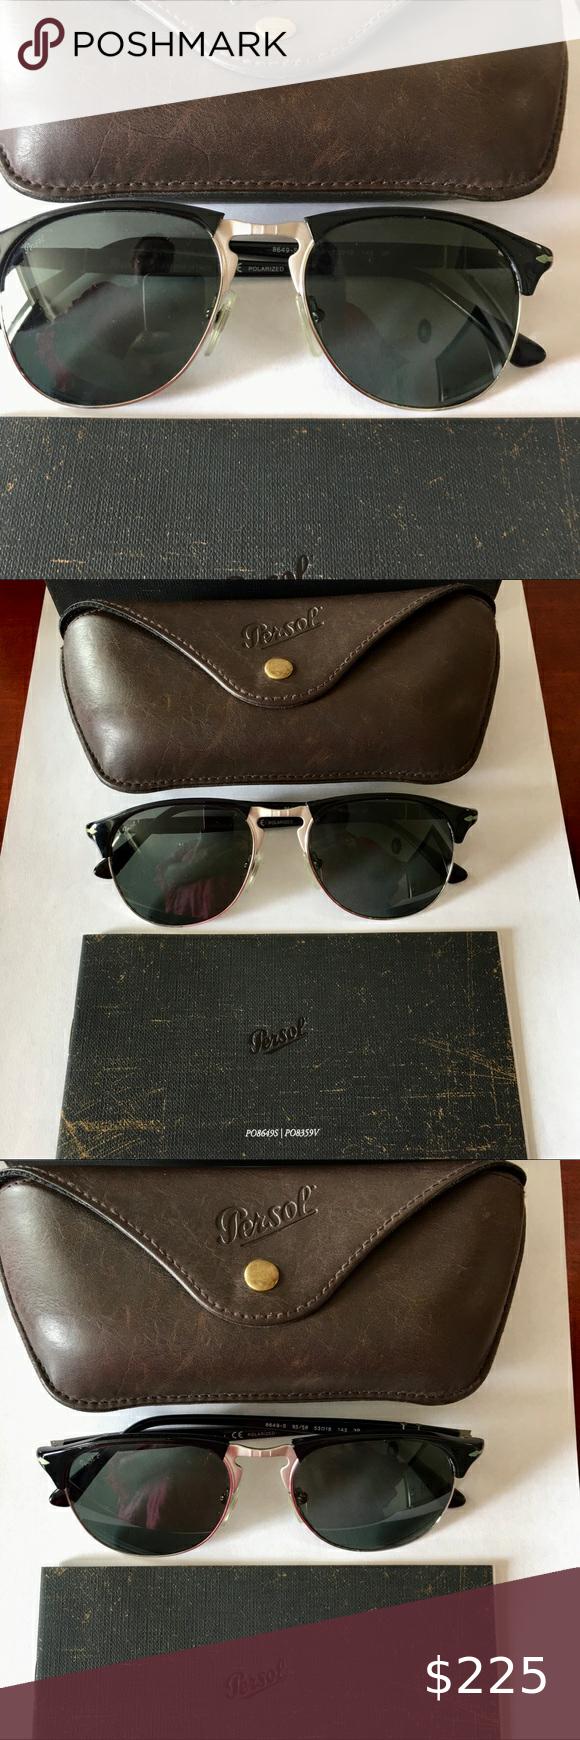 Authentic luxury men's sunglasses Persol Authentic